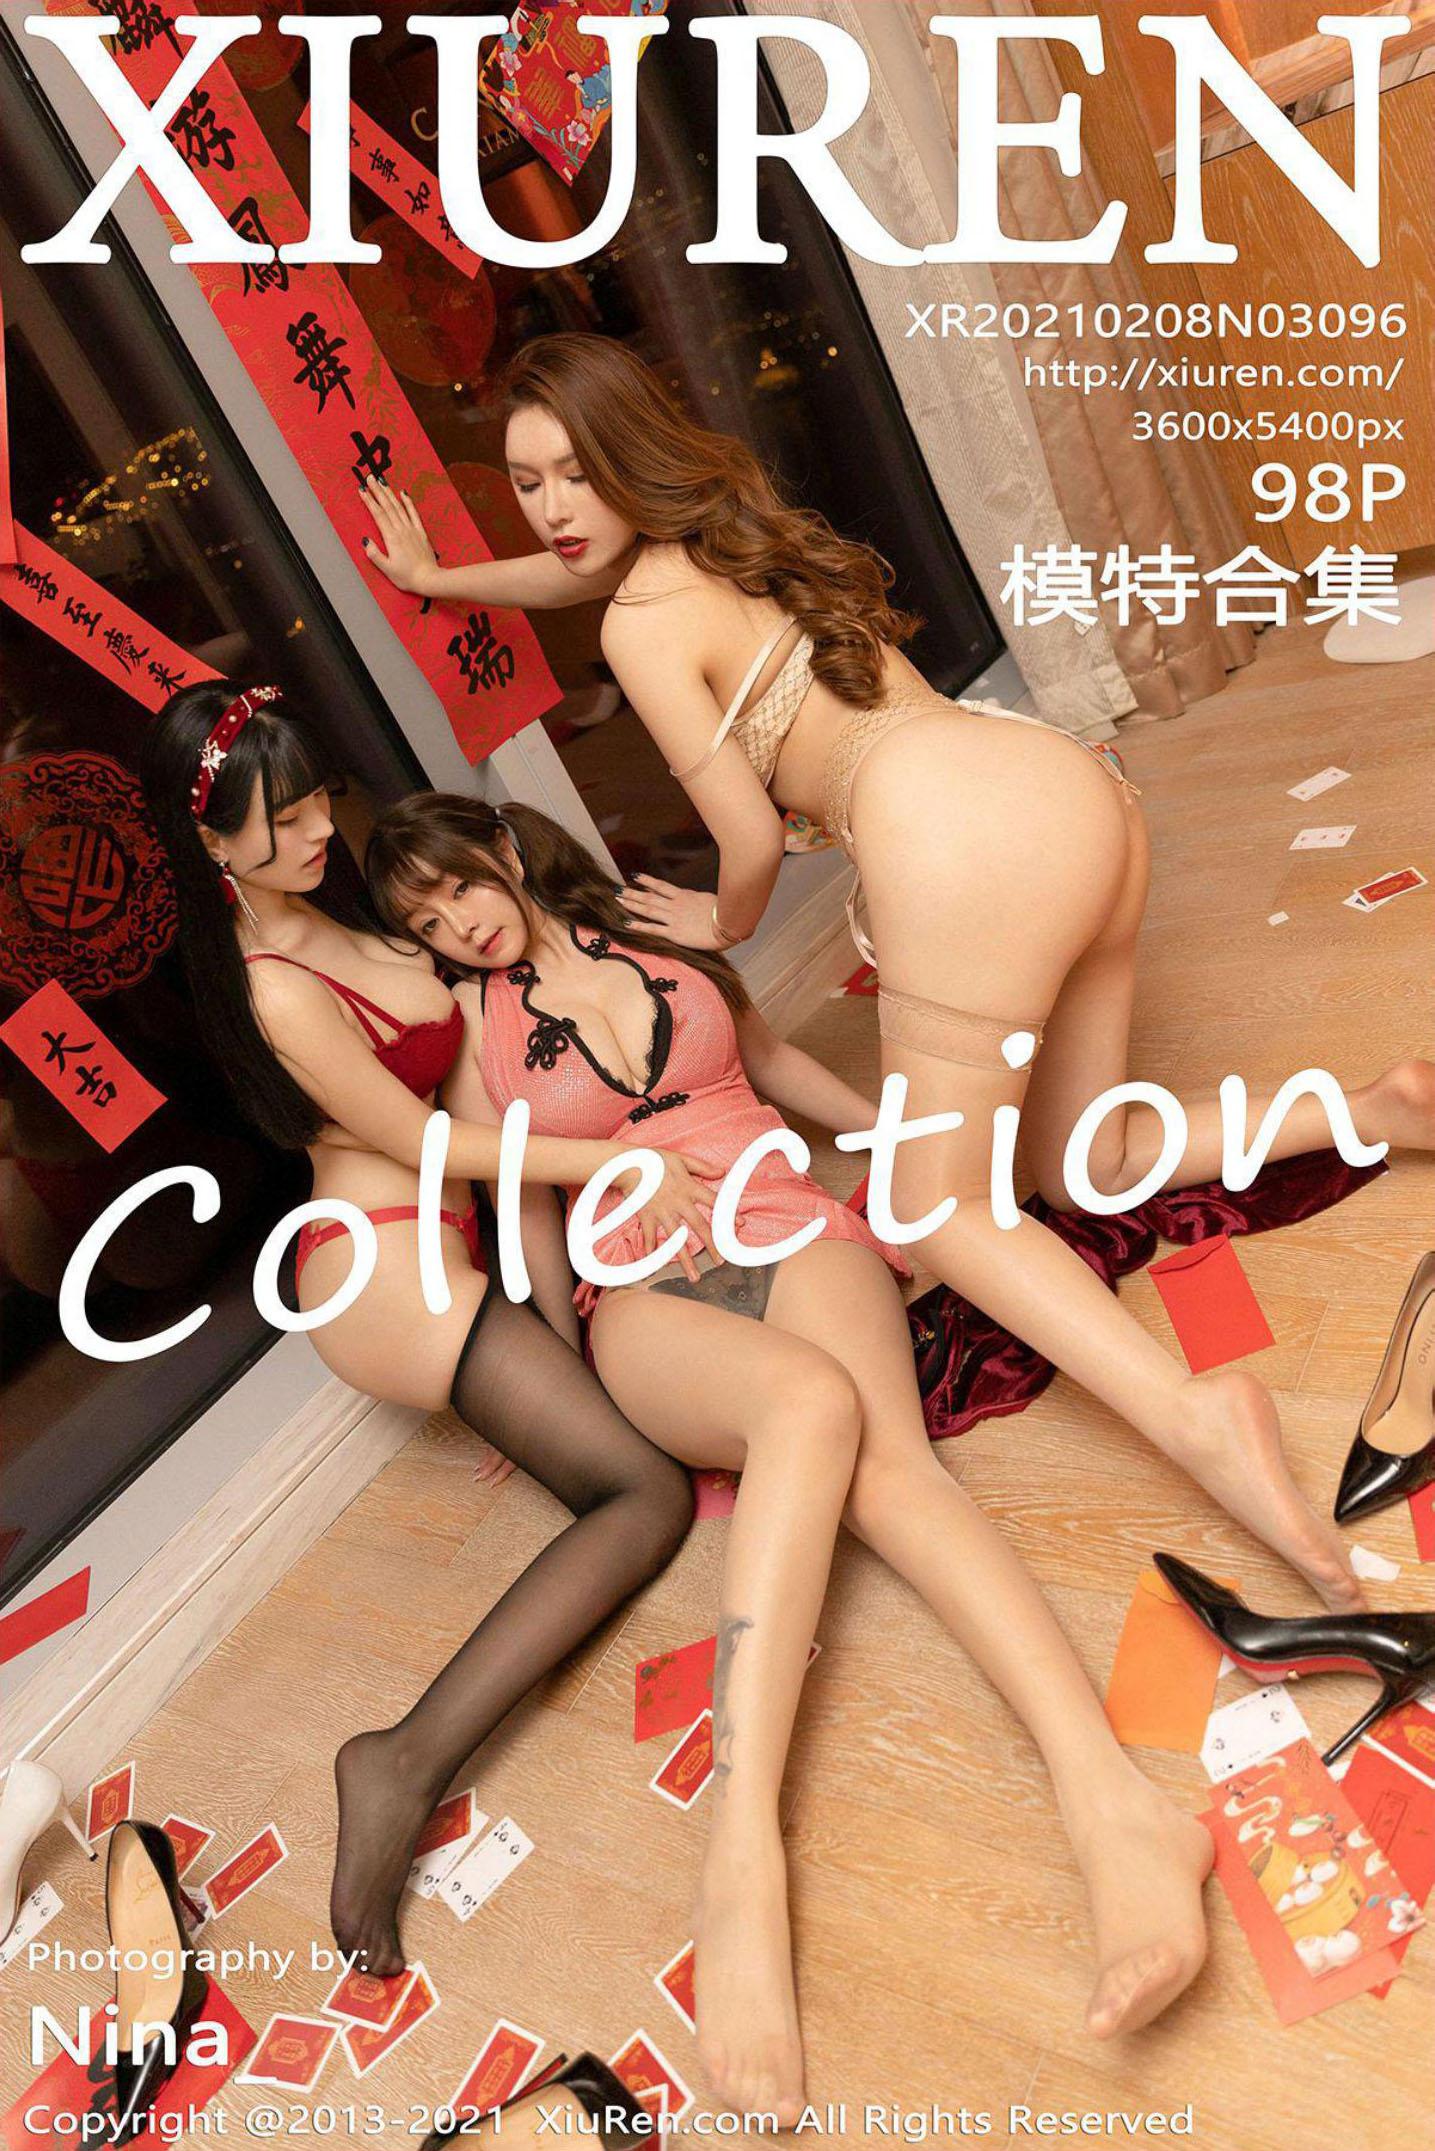 ⭐cos套图⭐秀人网最新新春套图 新年快乐【99P106M】插图